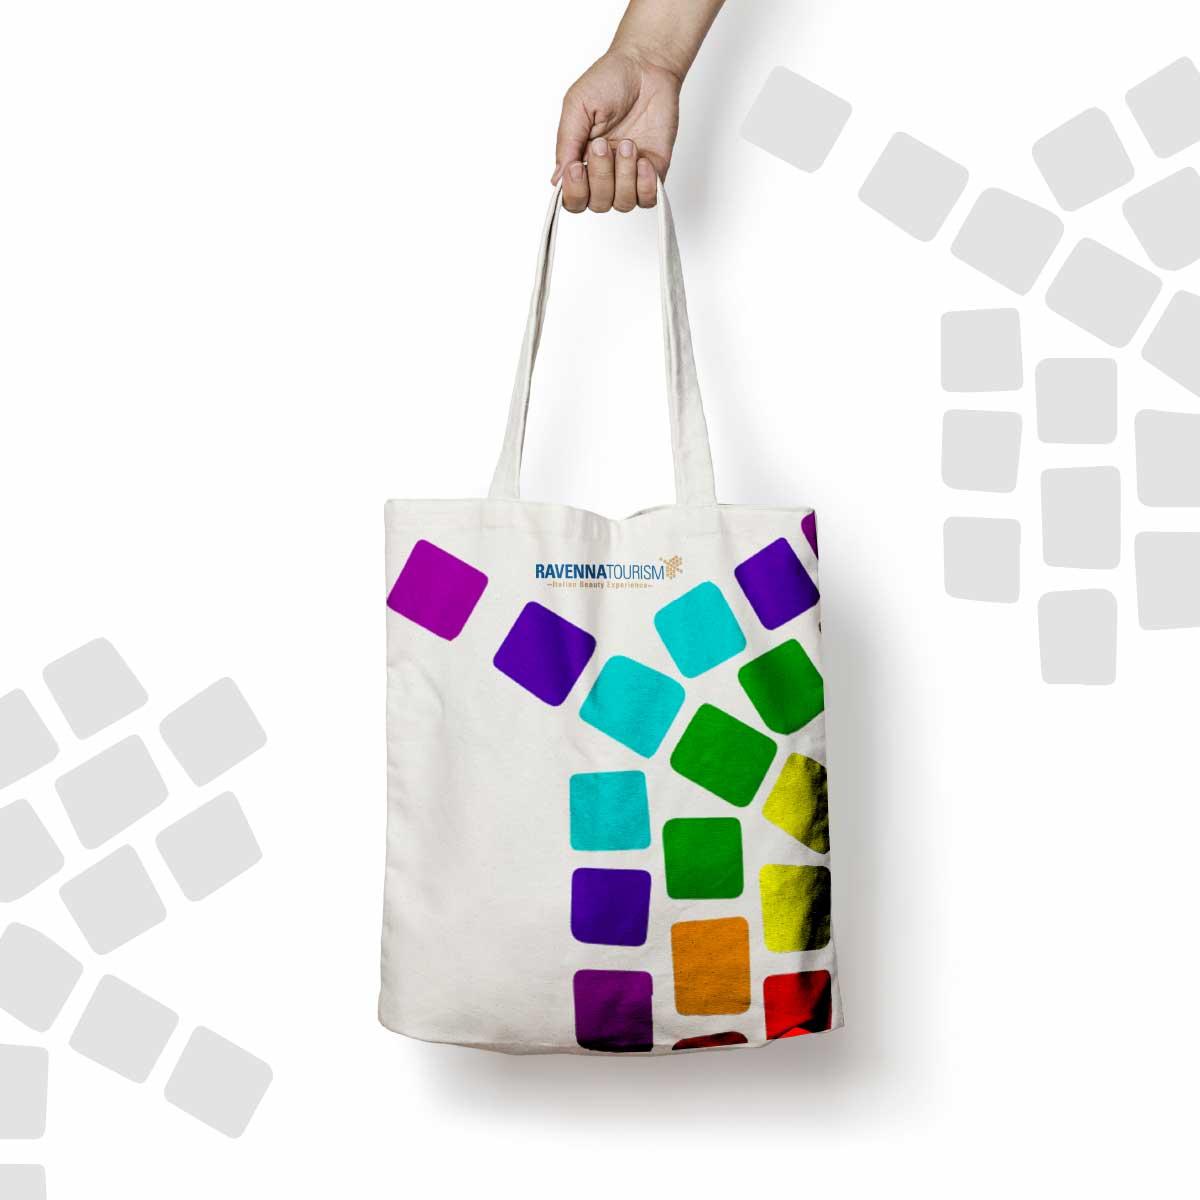 comune-di-ravenna-marketing-turismo-branding-4